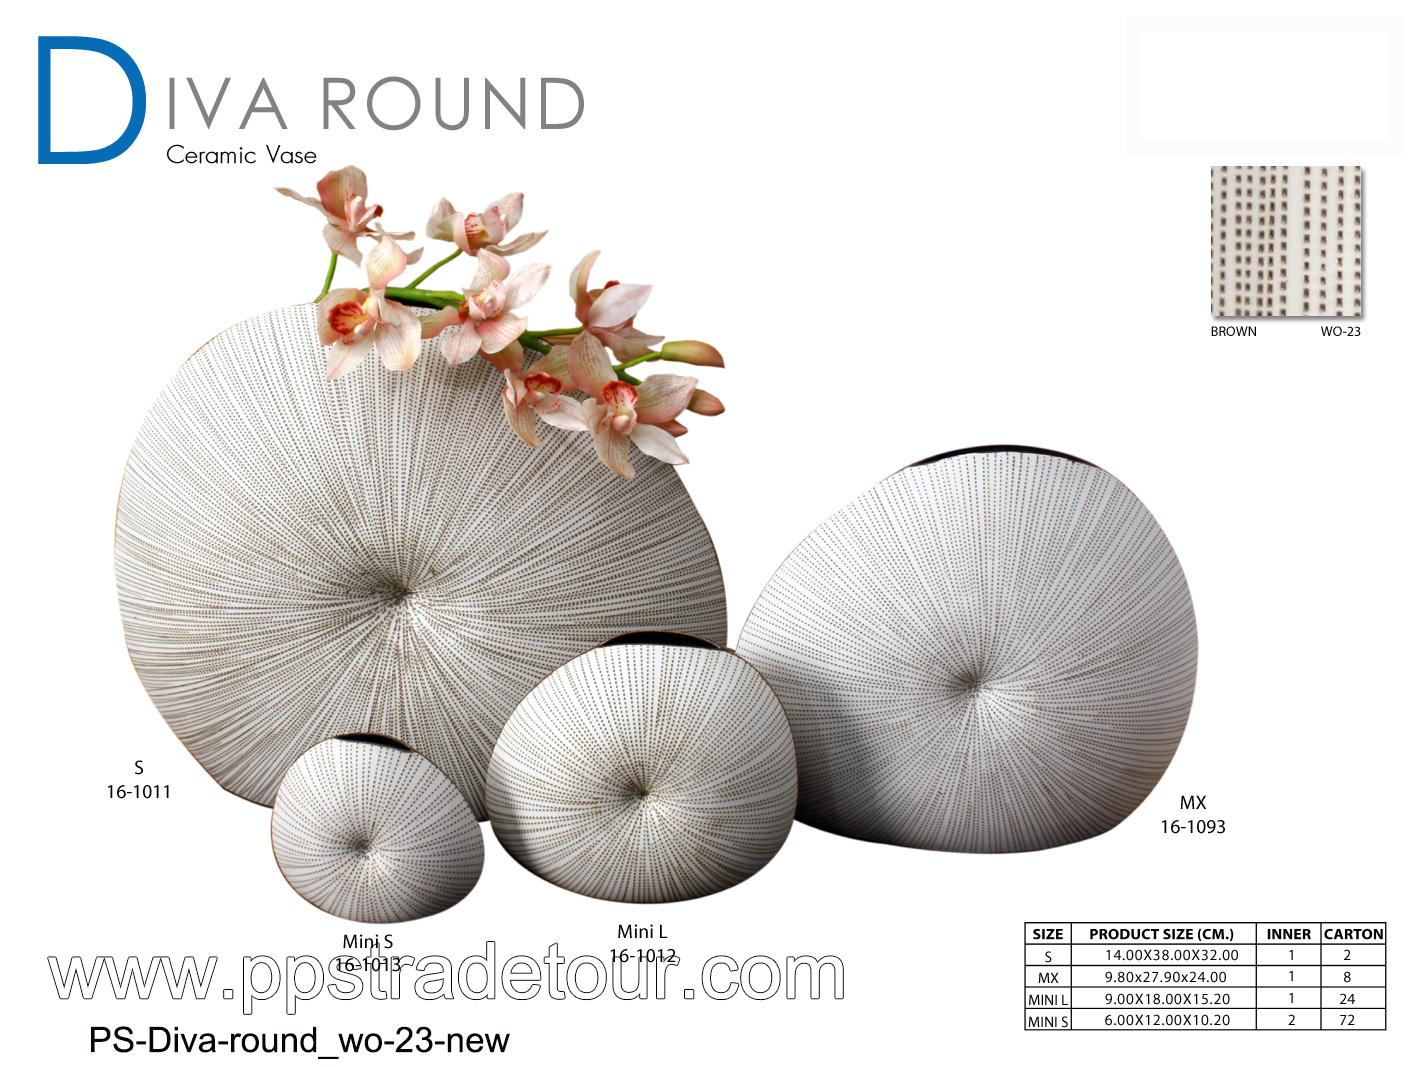 PSCV-Diva-round_wo-23-NEW